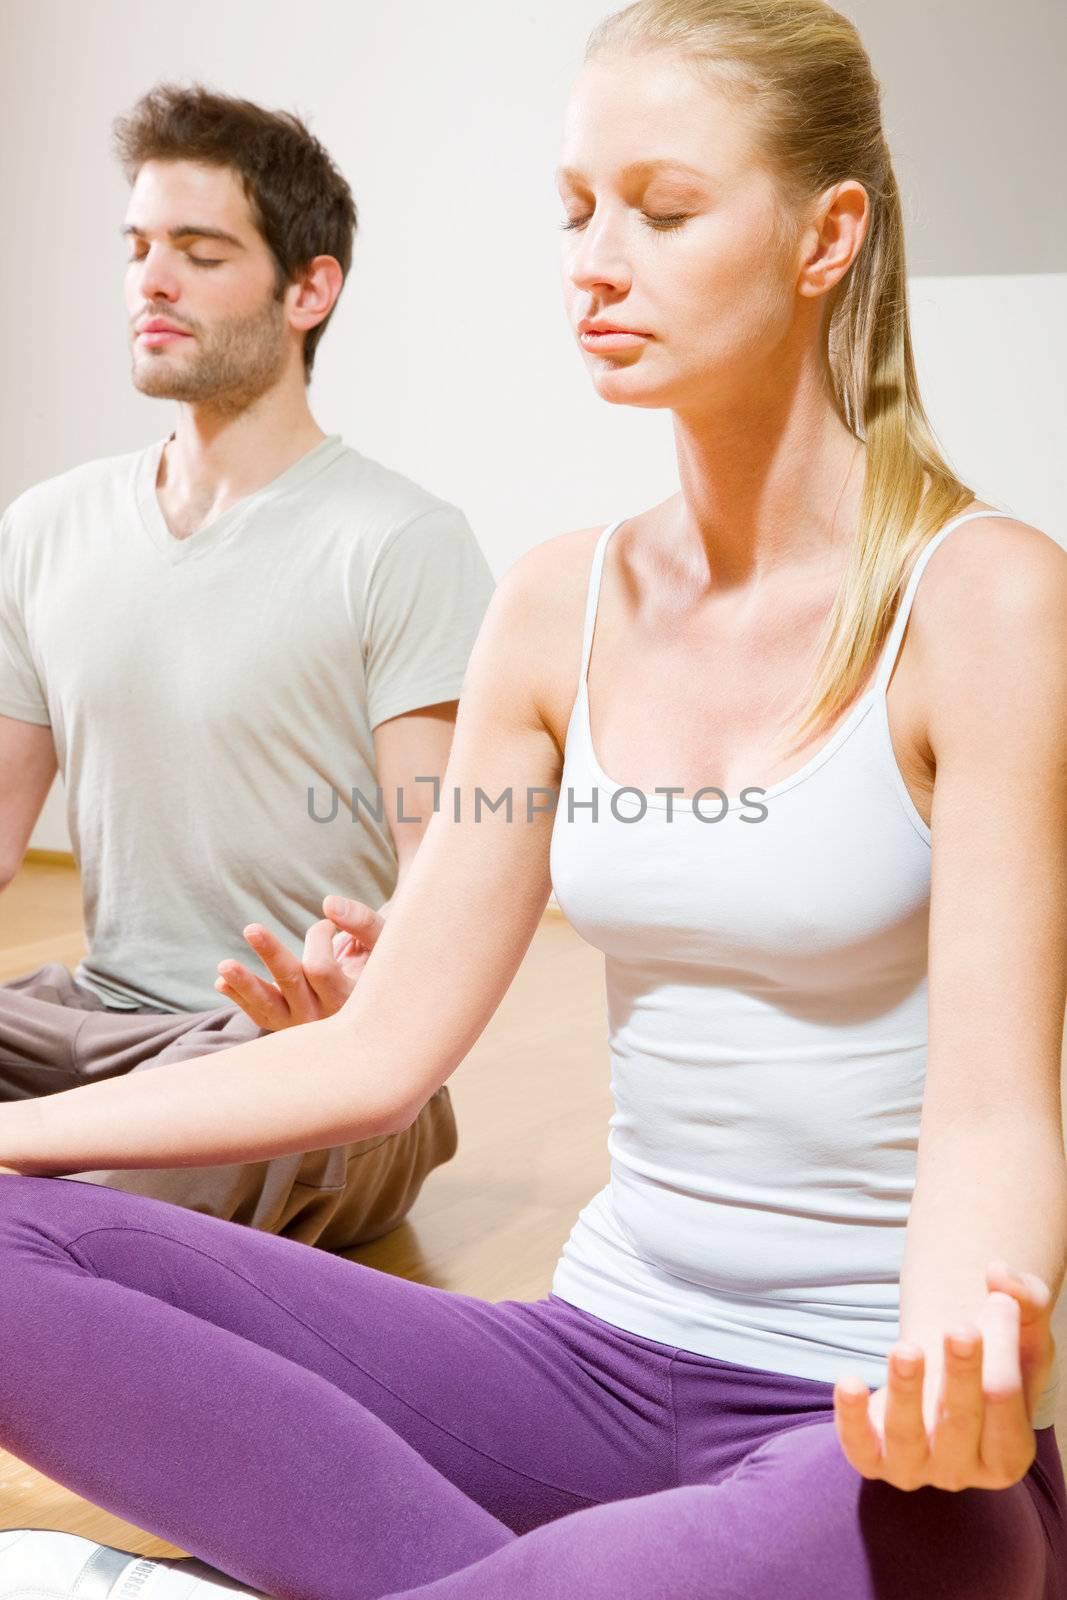 couple sitting on floor doing yoga